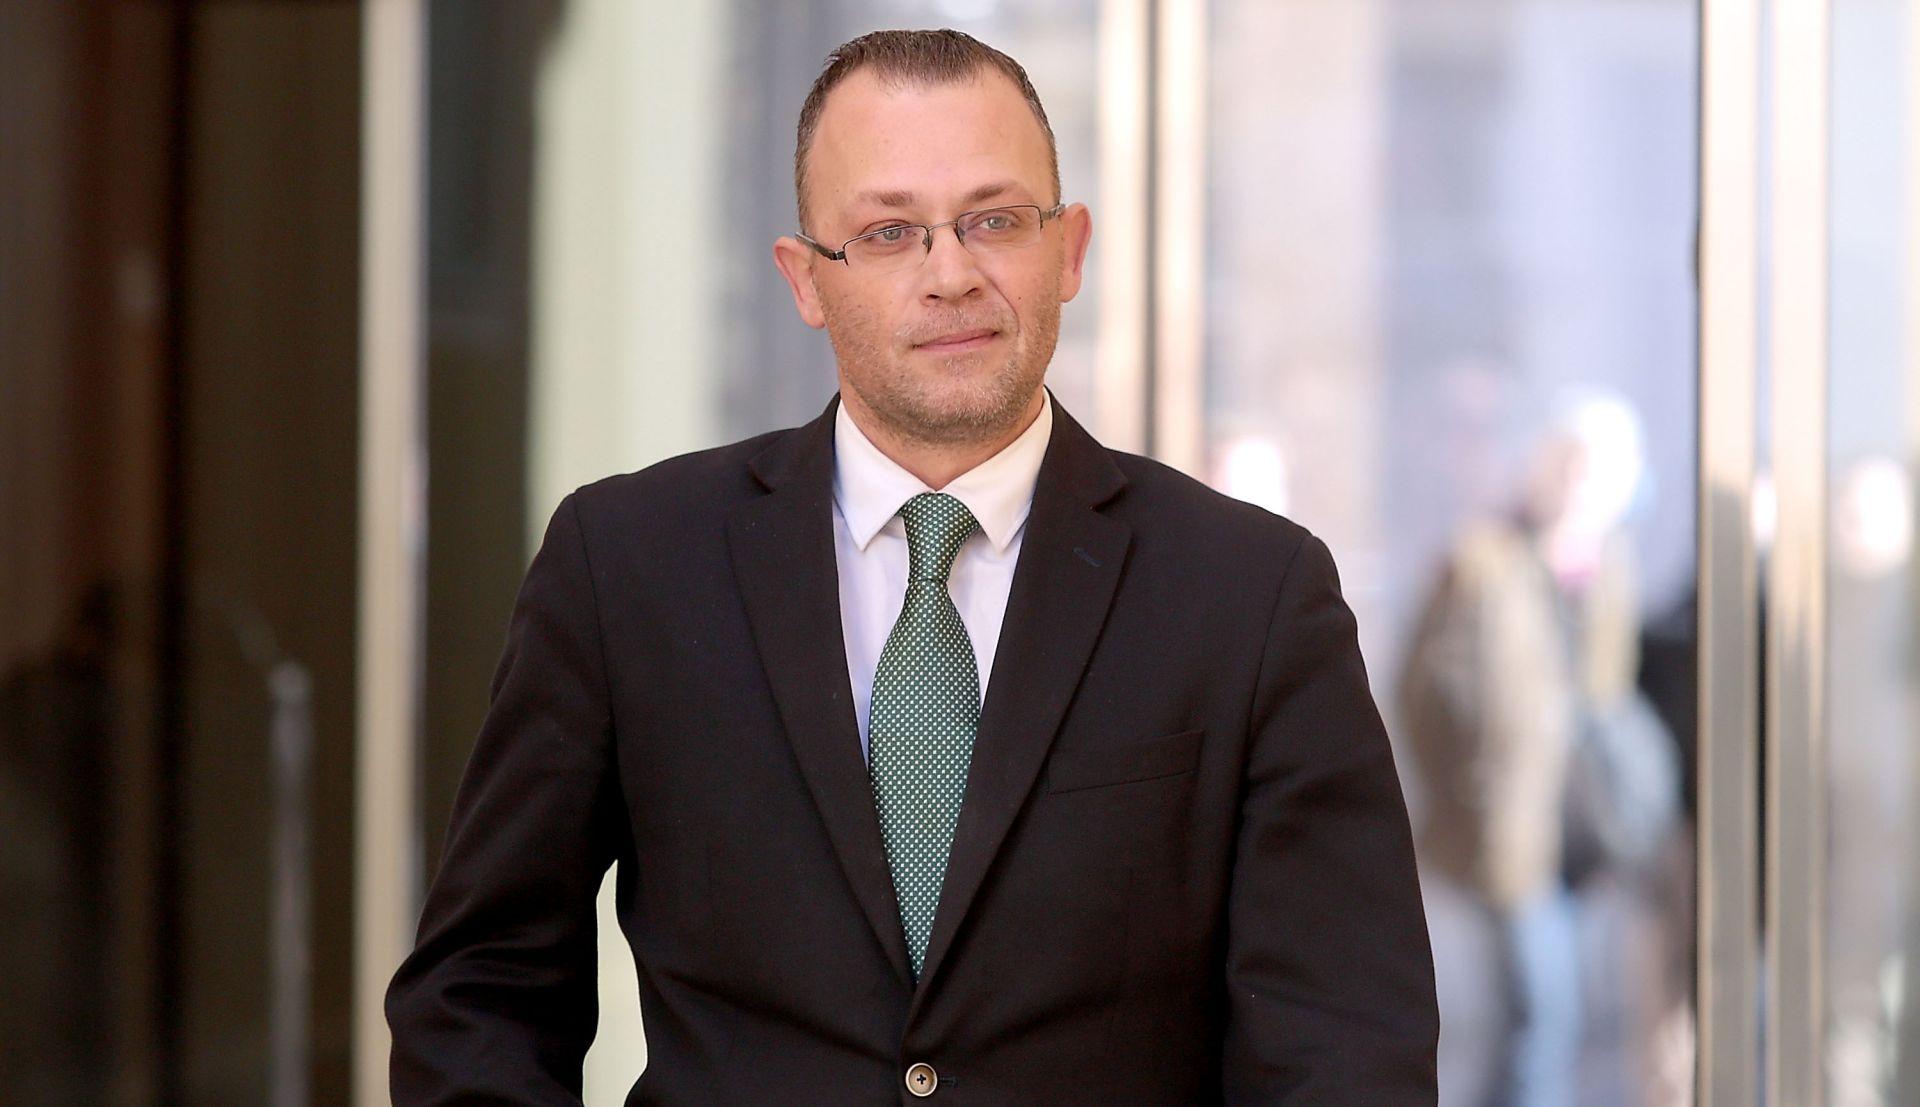 Branitelj Orlić poziva zastupnike da prekinu javni linč ministra Hasanbegovića